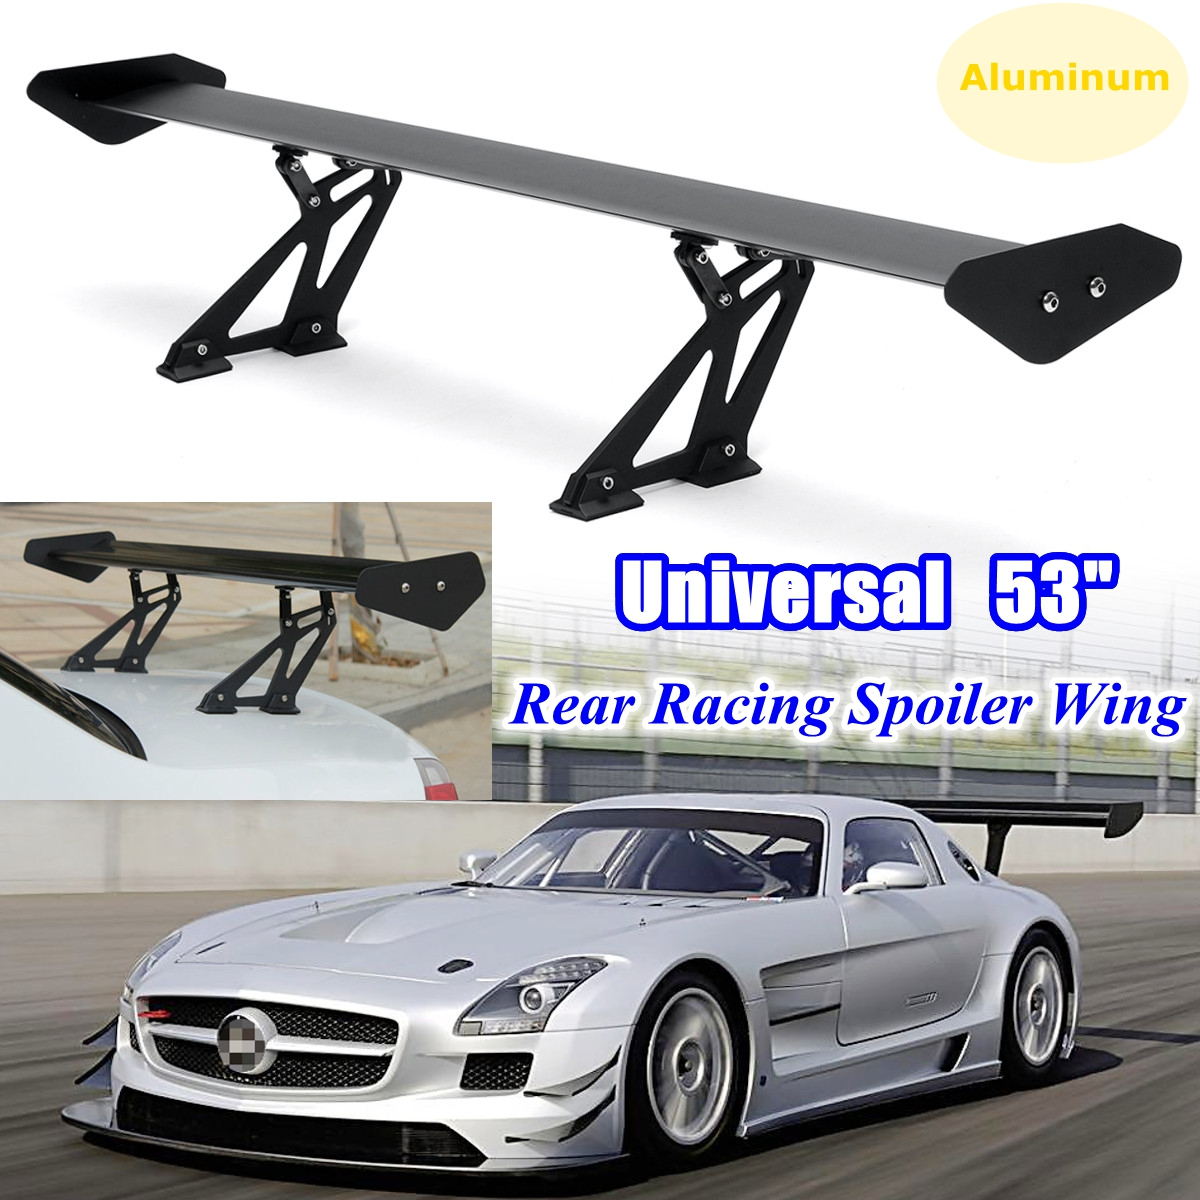 135 Centimetri Universale Auto Sportive da Corsa Posteriore Tronco di Coda da Corsa Ala Spoiler in Alluminio Nero Regolabile Gt Doppia Fila